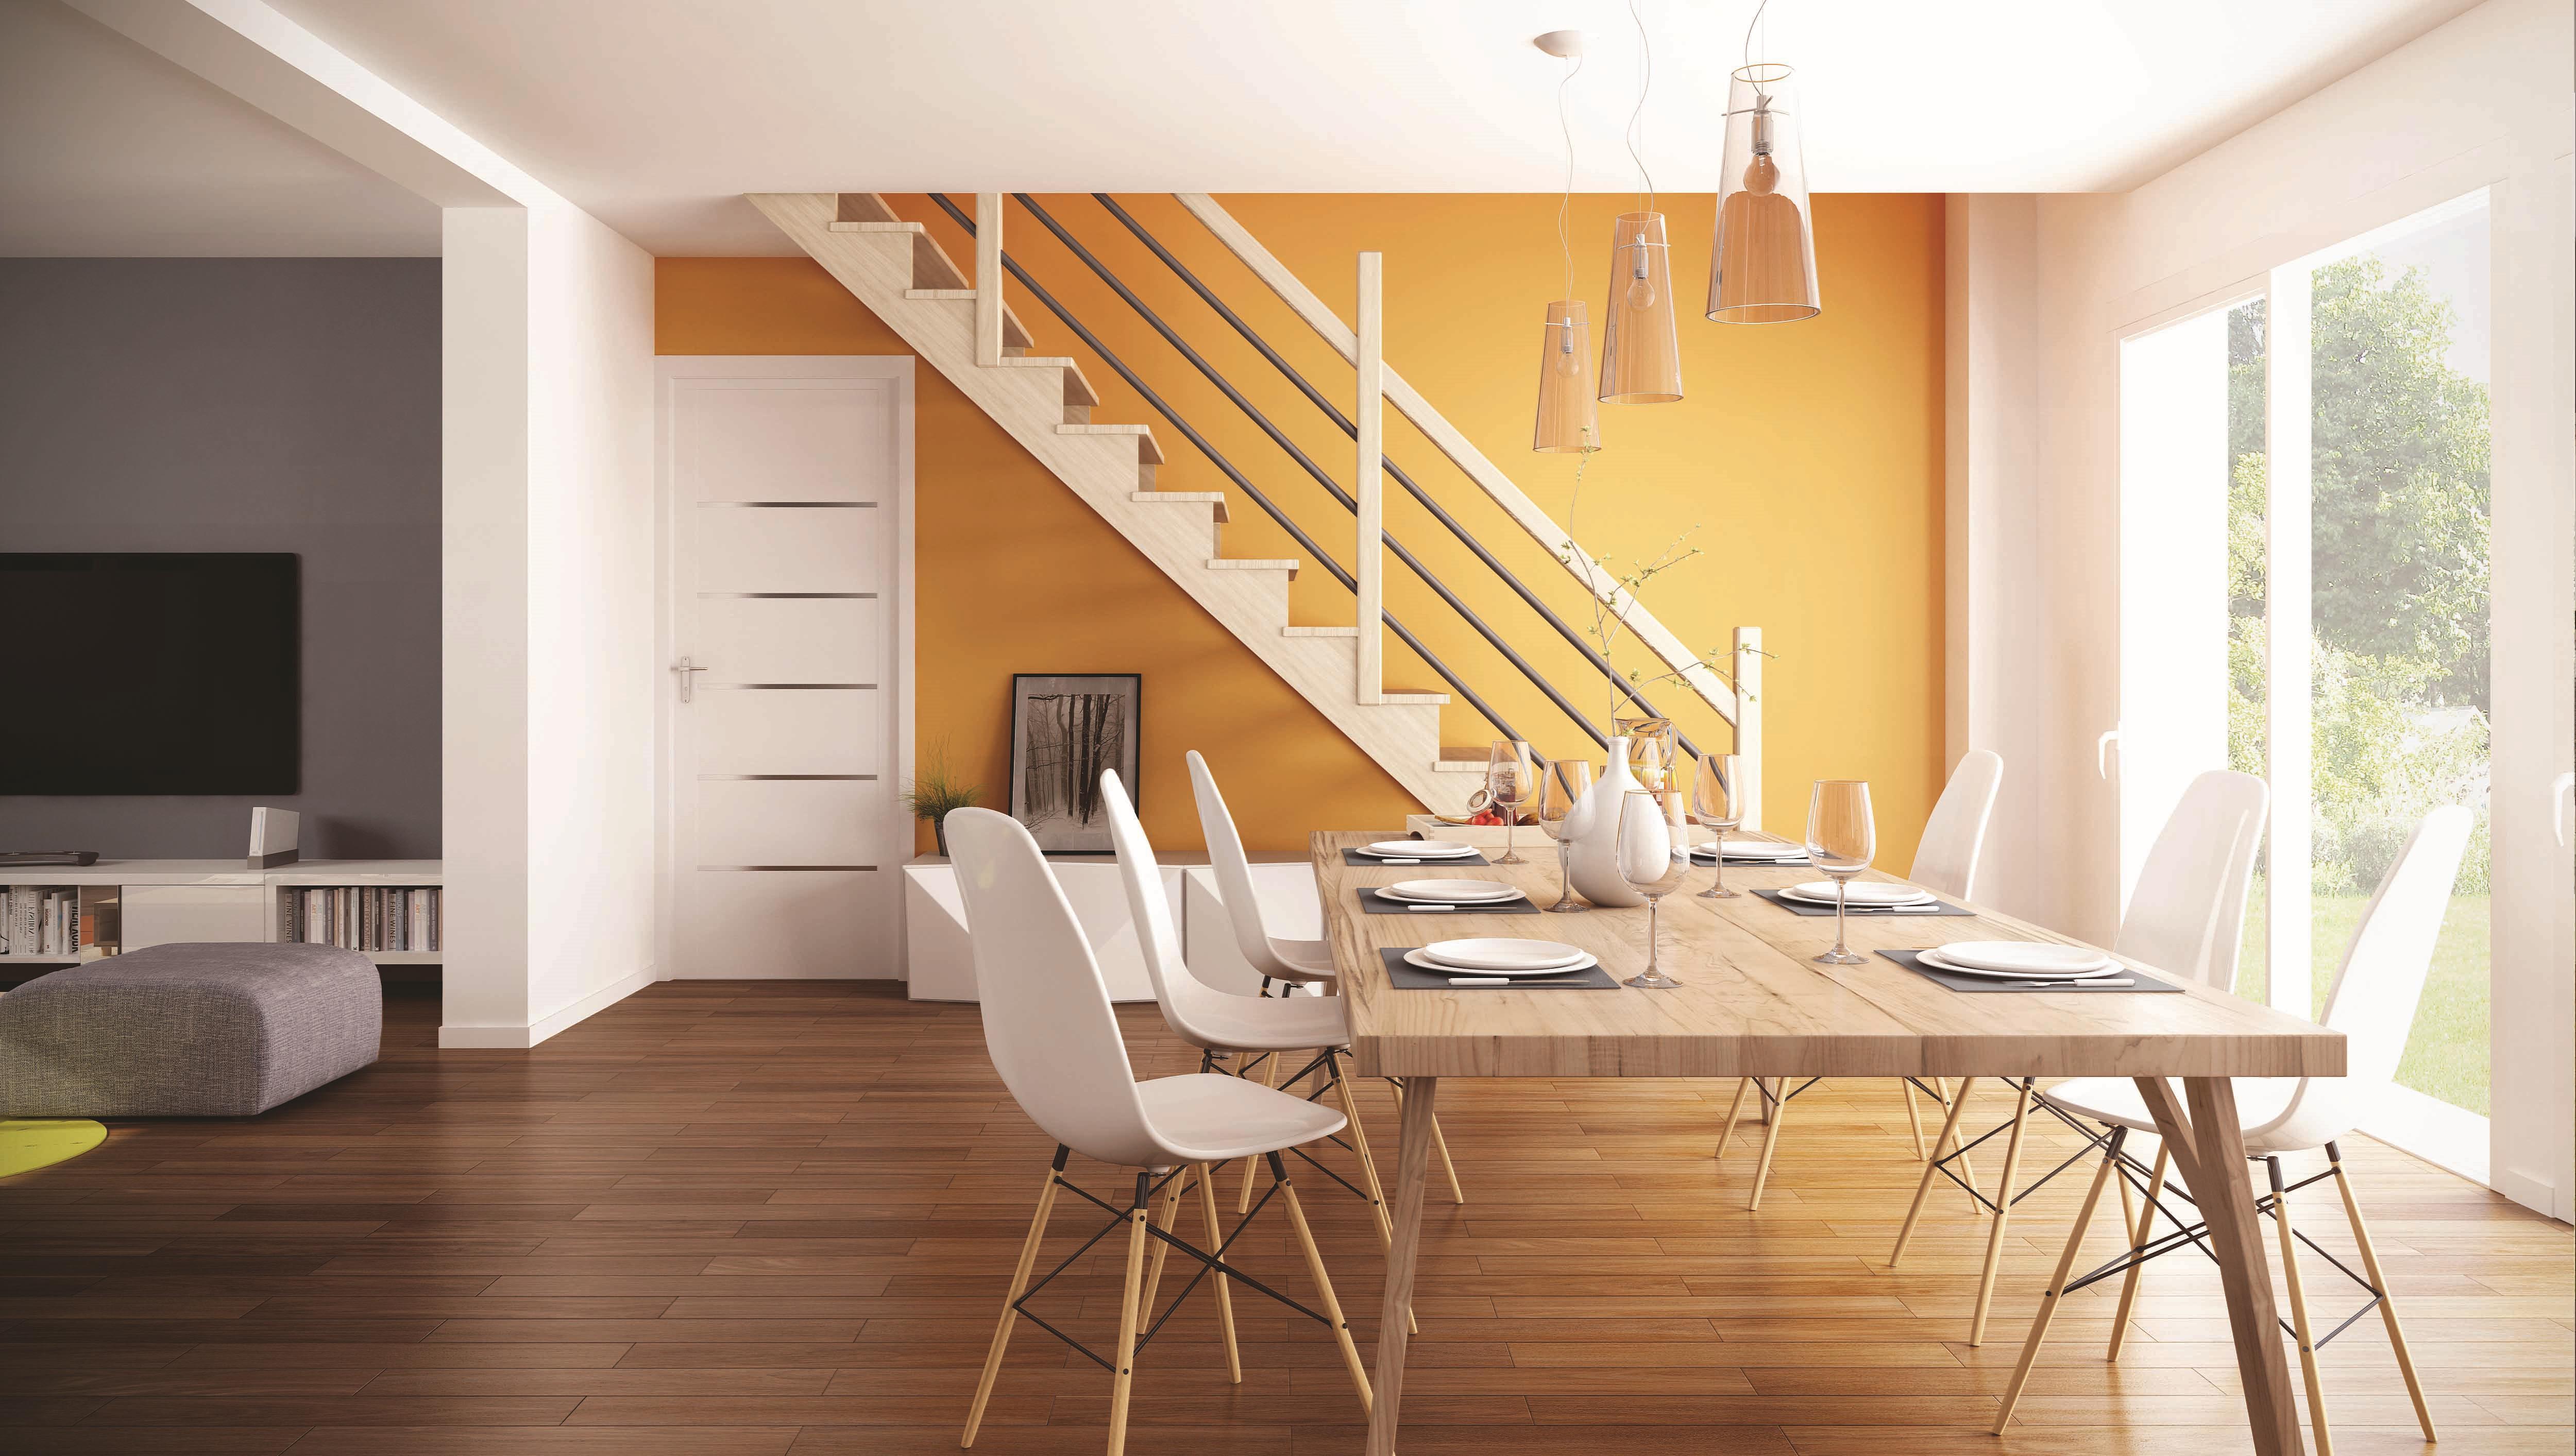 Maisons + Terrains du constructeur Maisons Phénix Nancy • 106 m² • MOINEVILLE